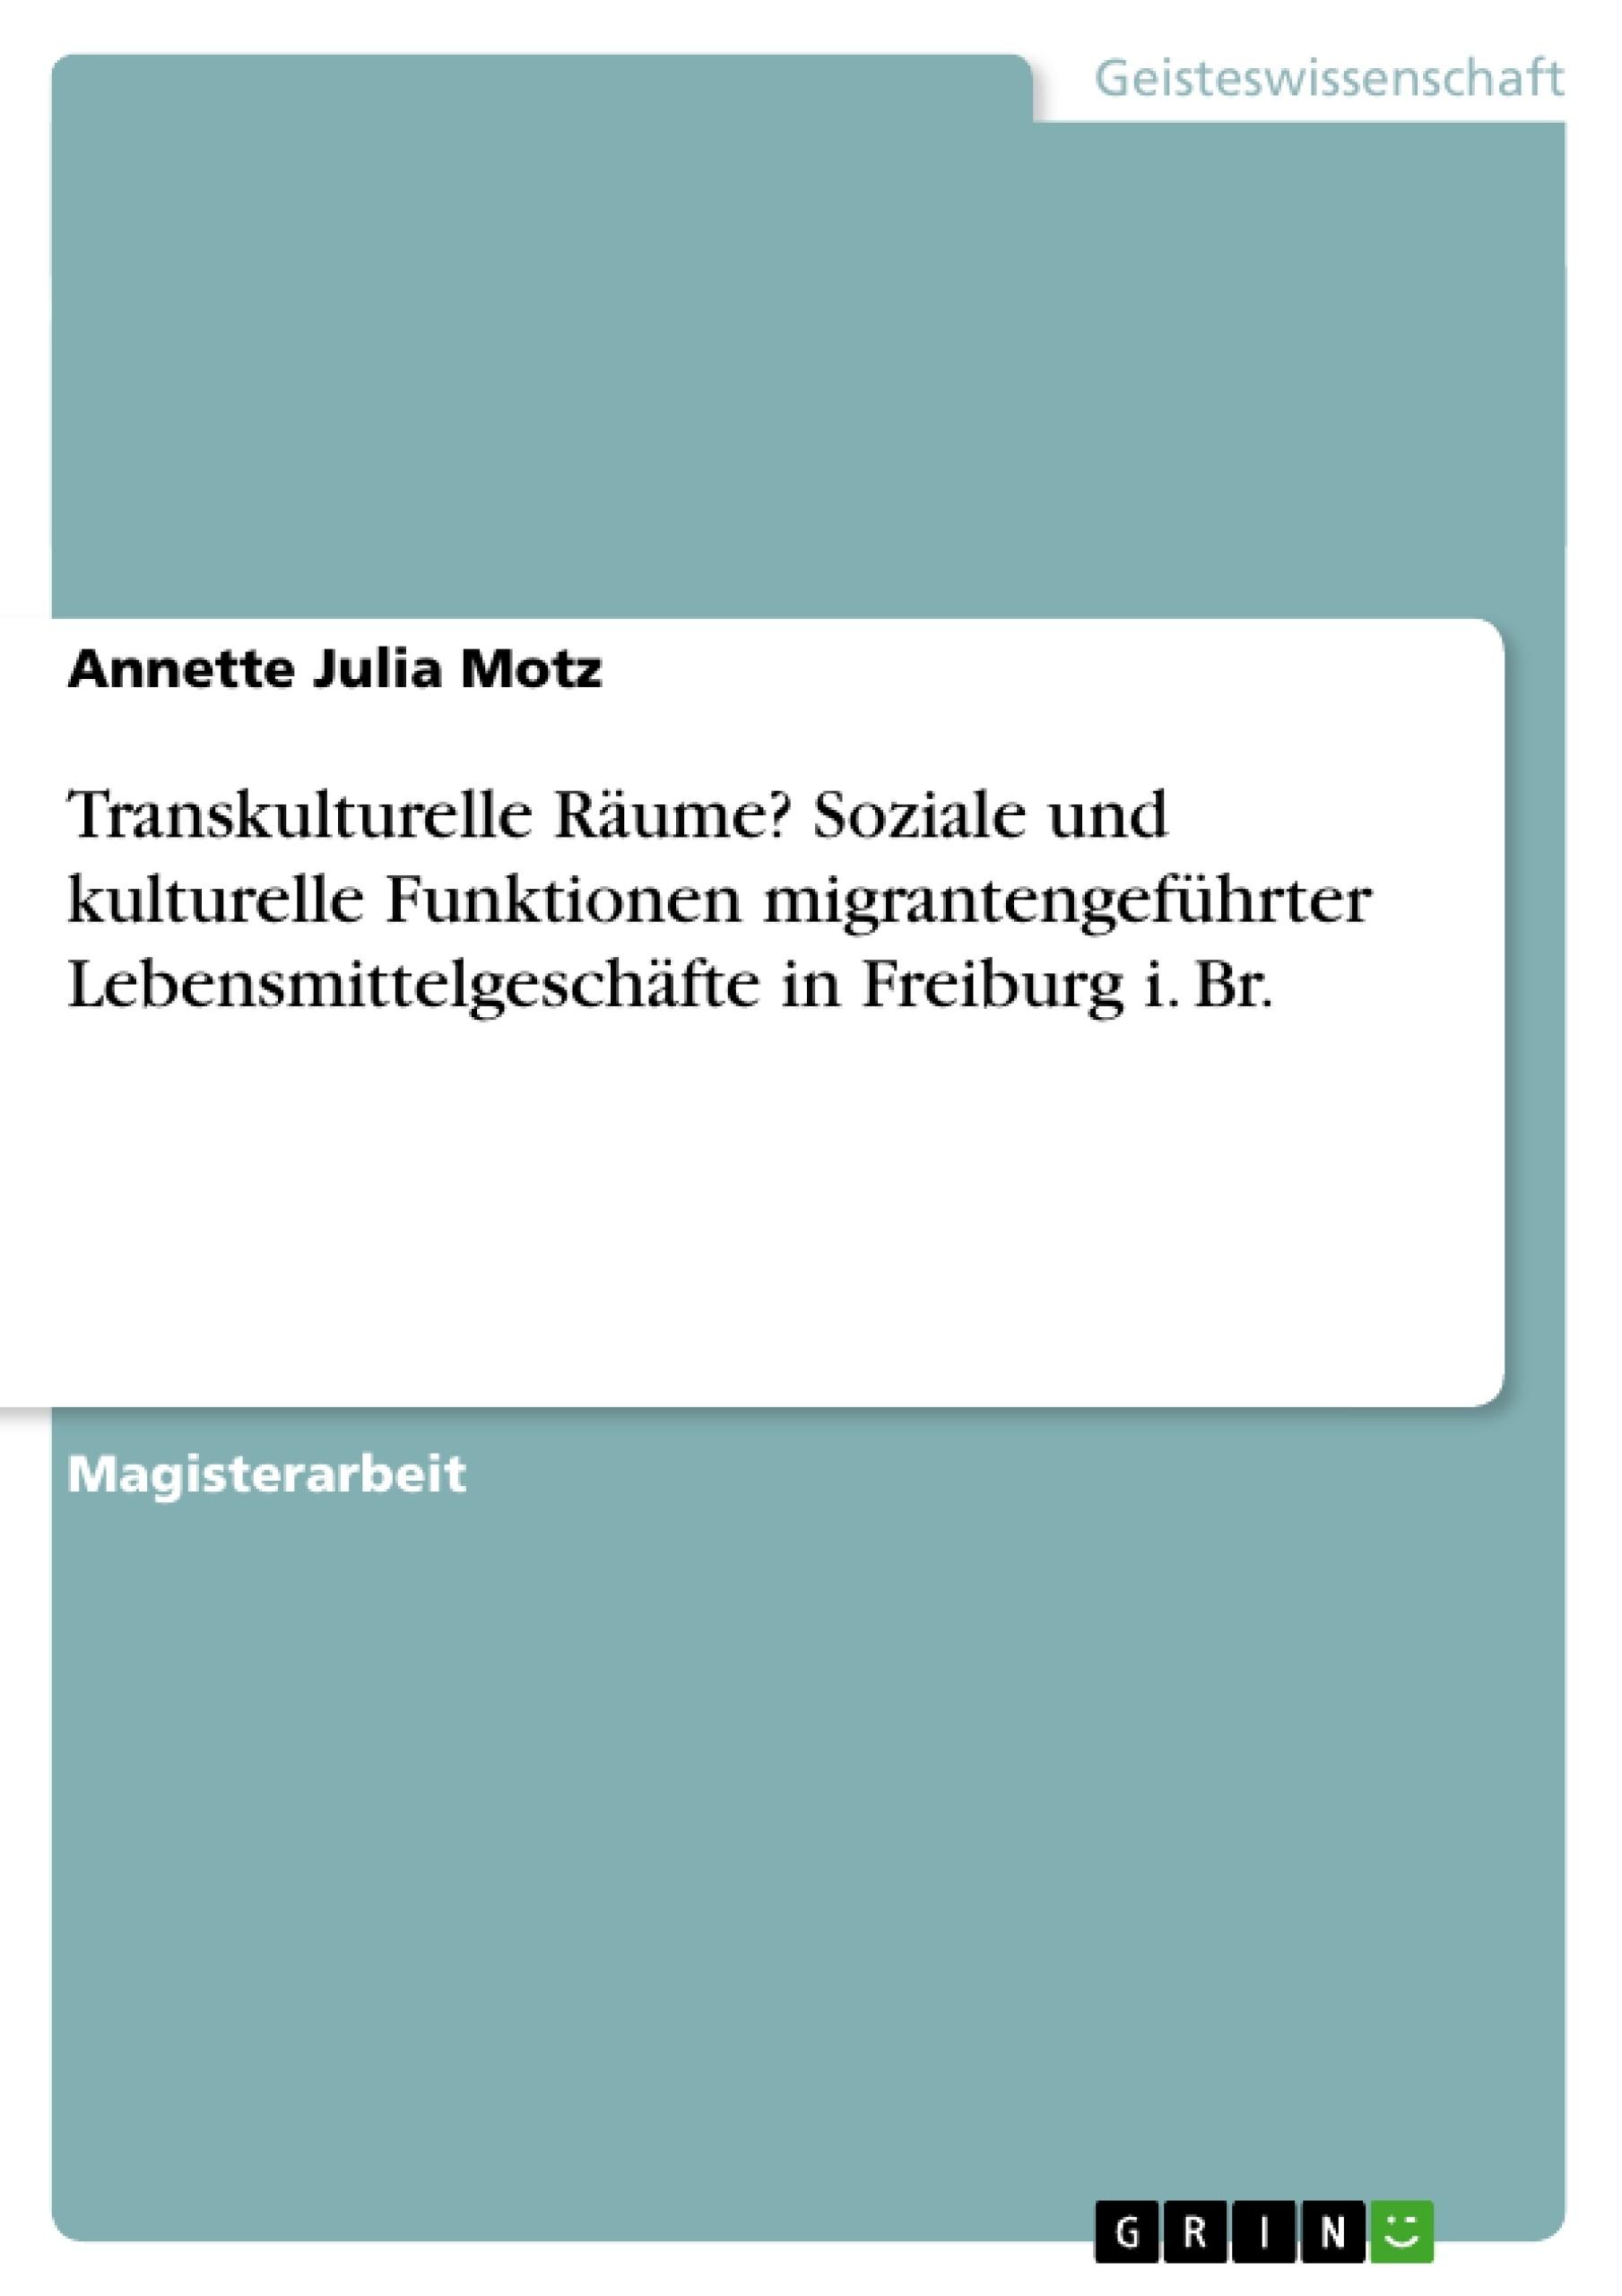 Titel: Transkulturelle Räume? Soziale und kulturelle Funktionen migrantengeführter Lebensmittelgeschäfte in Freiburg i. Br.